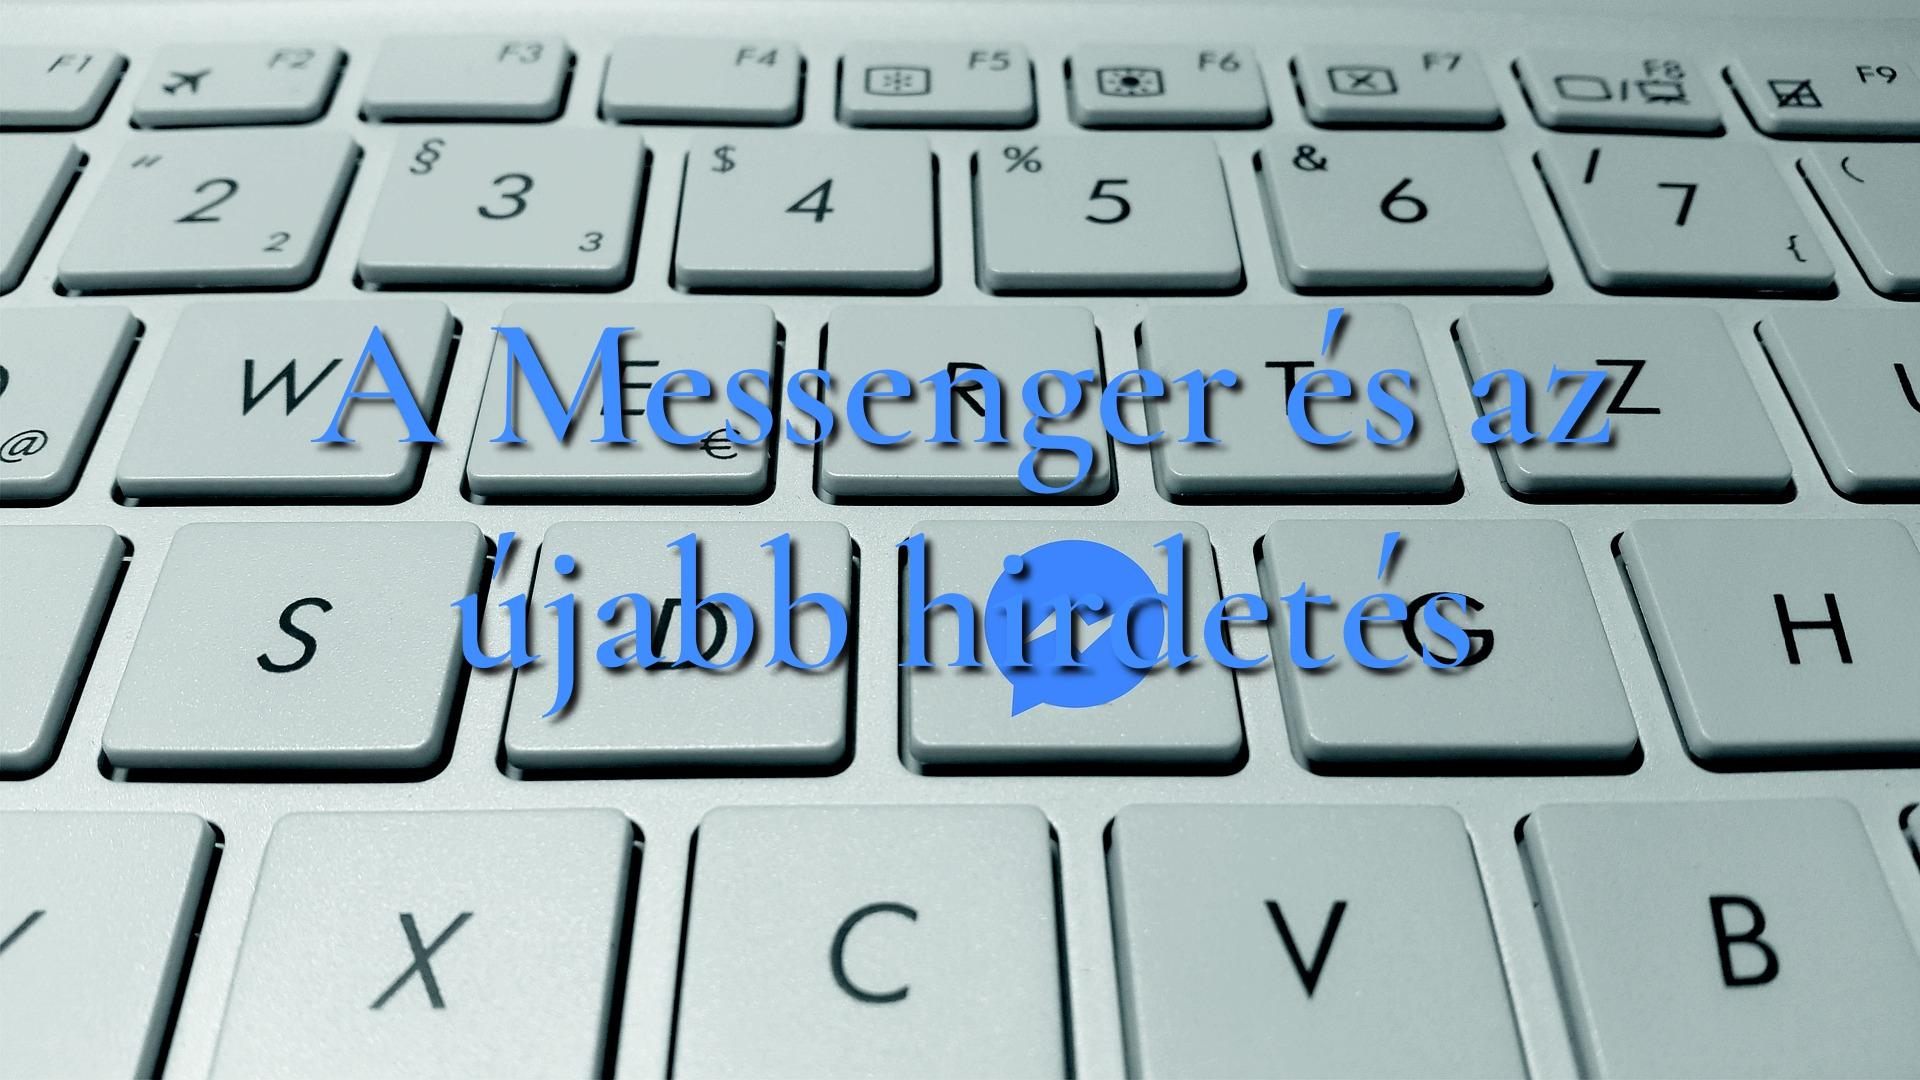 Messenger és az újabb hirdetés